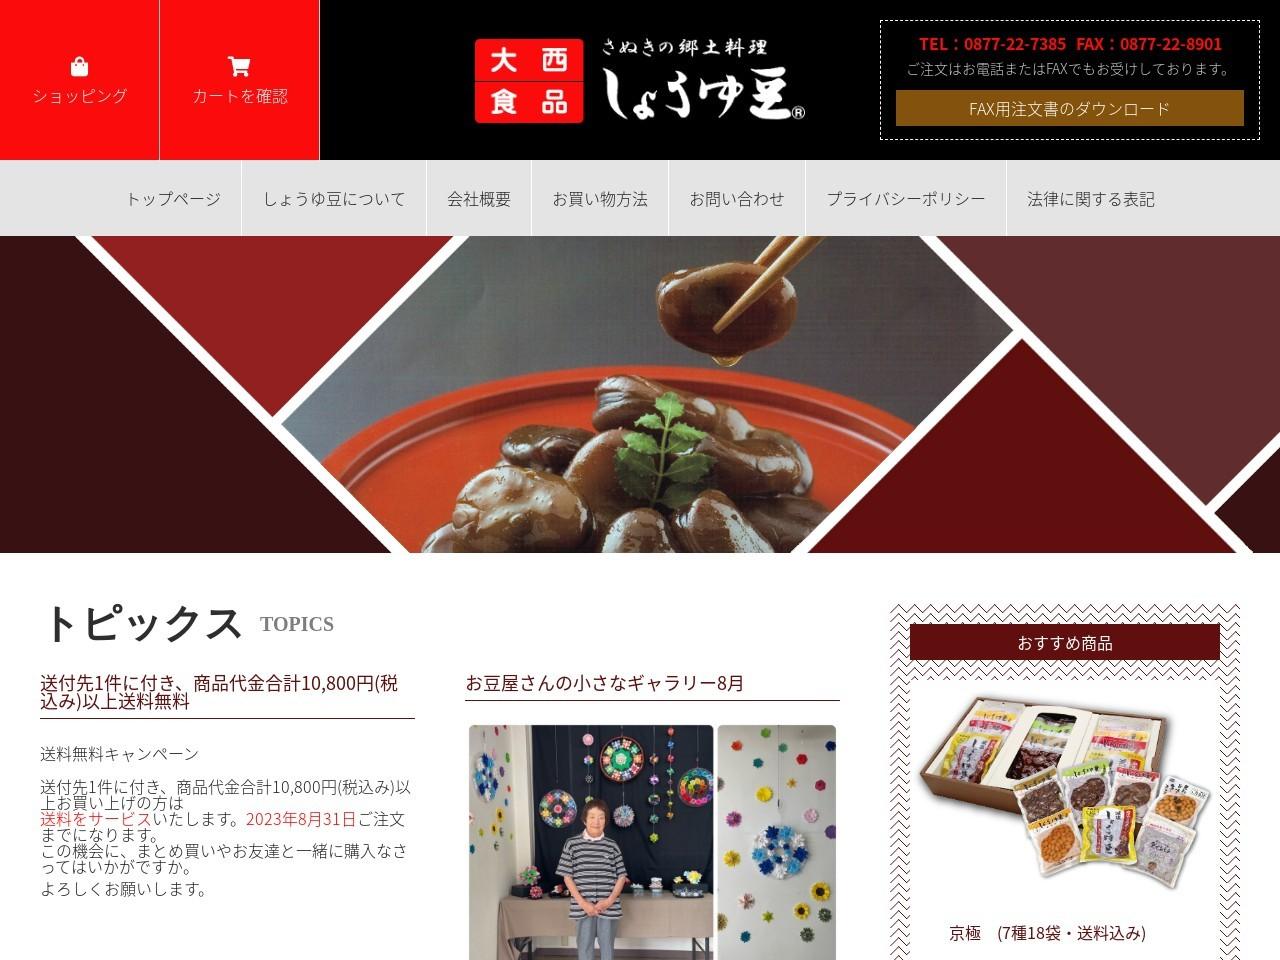 大西食品株式会社|お土産・ご贈答・日々の食卓に、讃岐(香川県)の郷土料理「しょうゆ豆」をどうぞ。